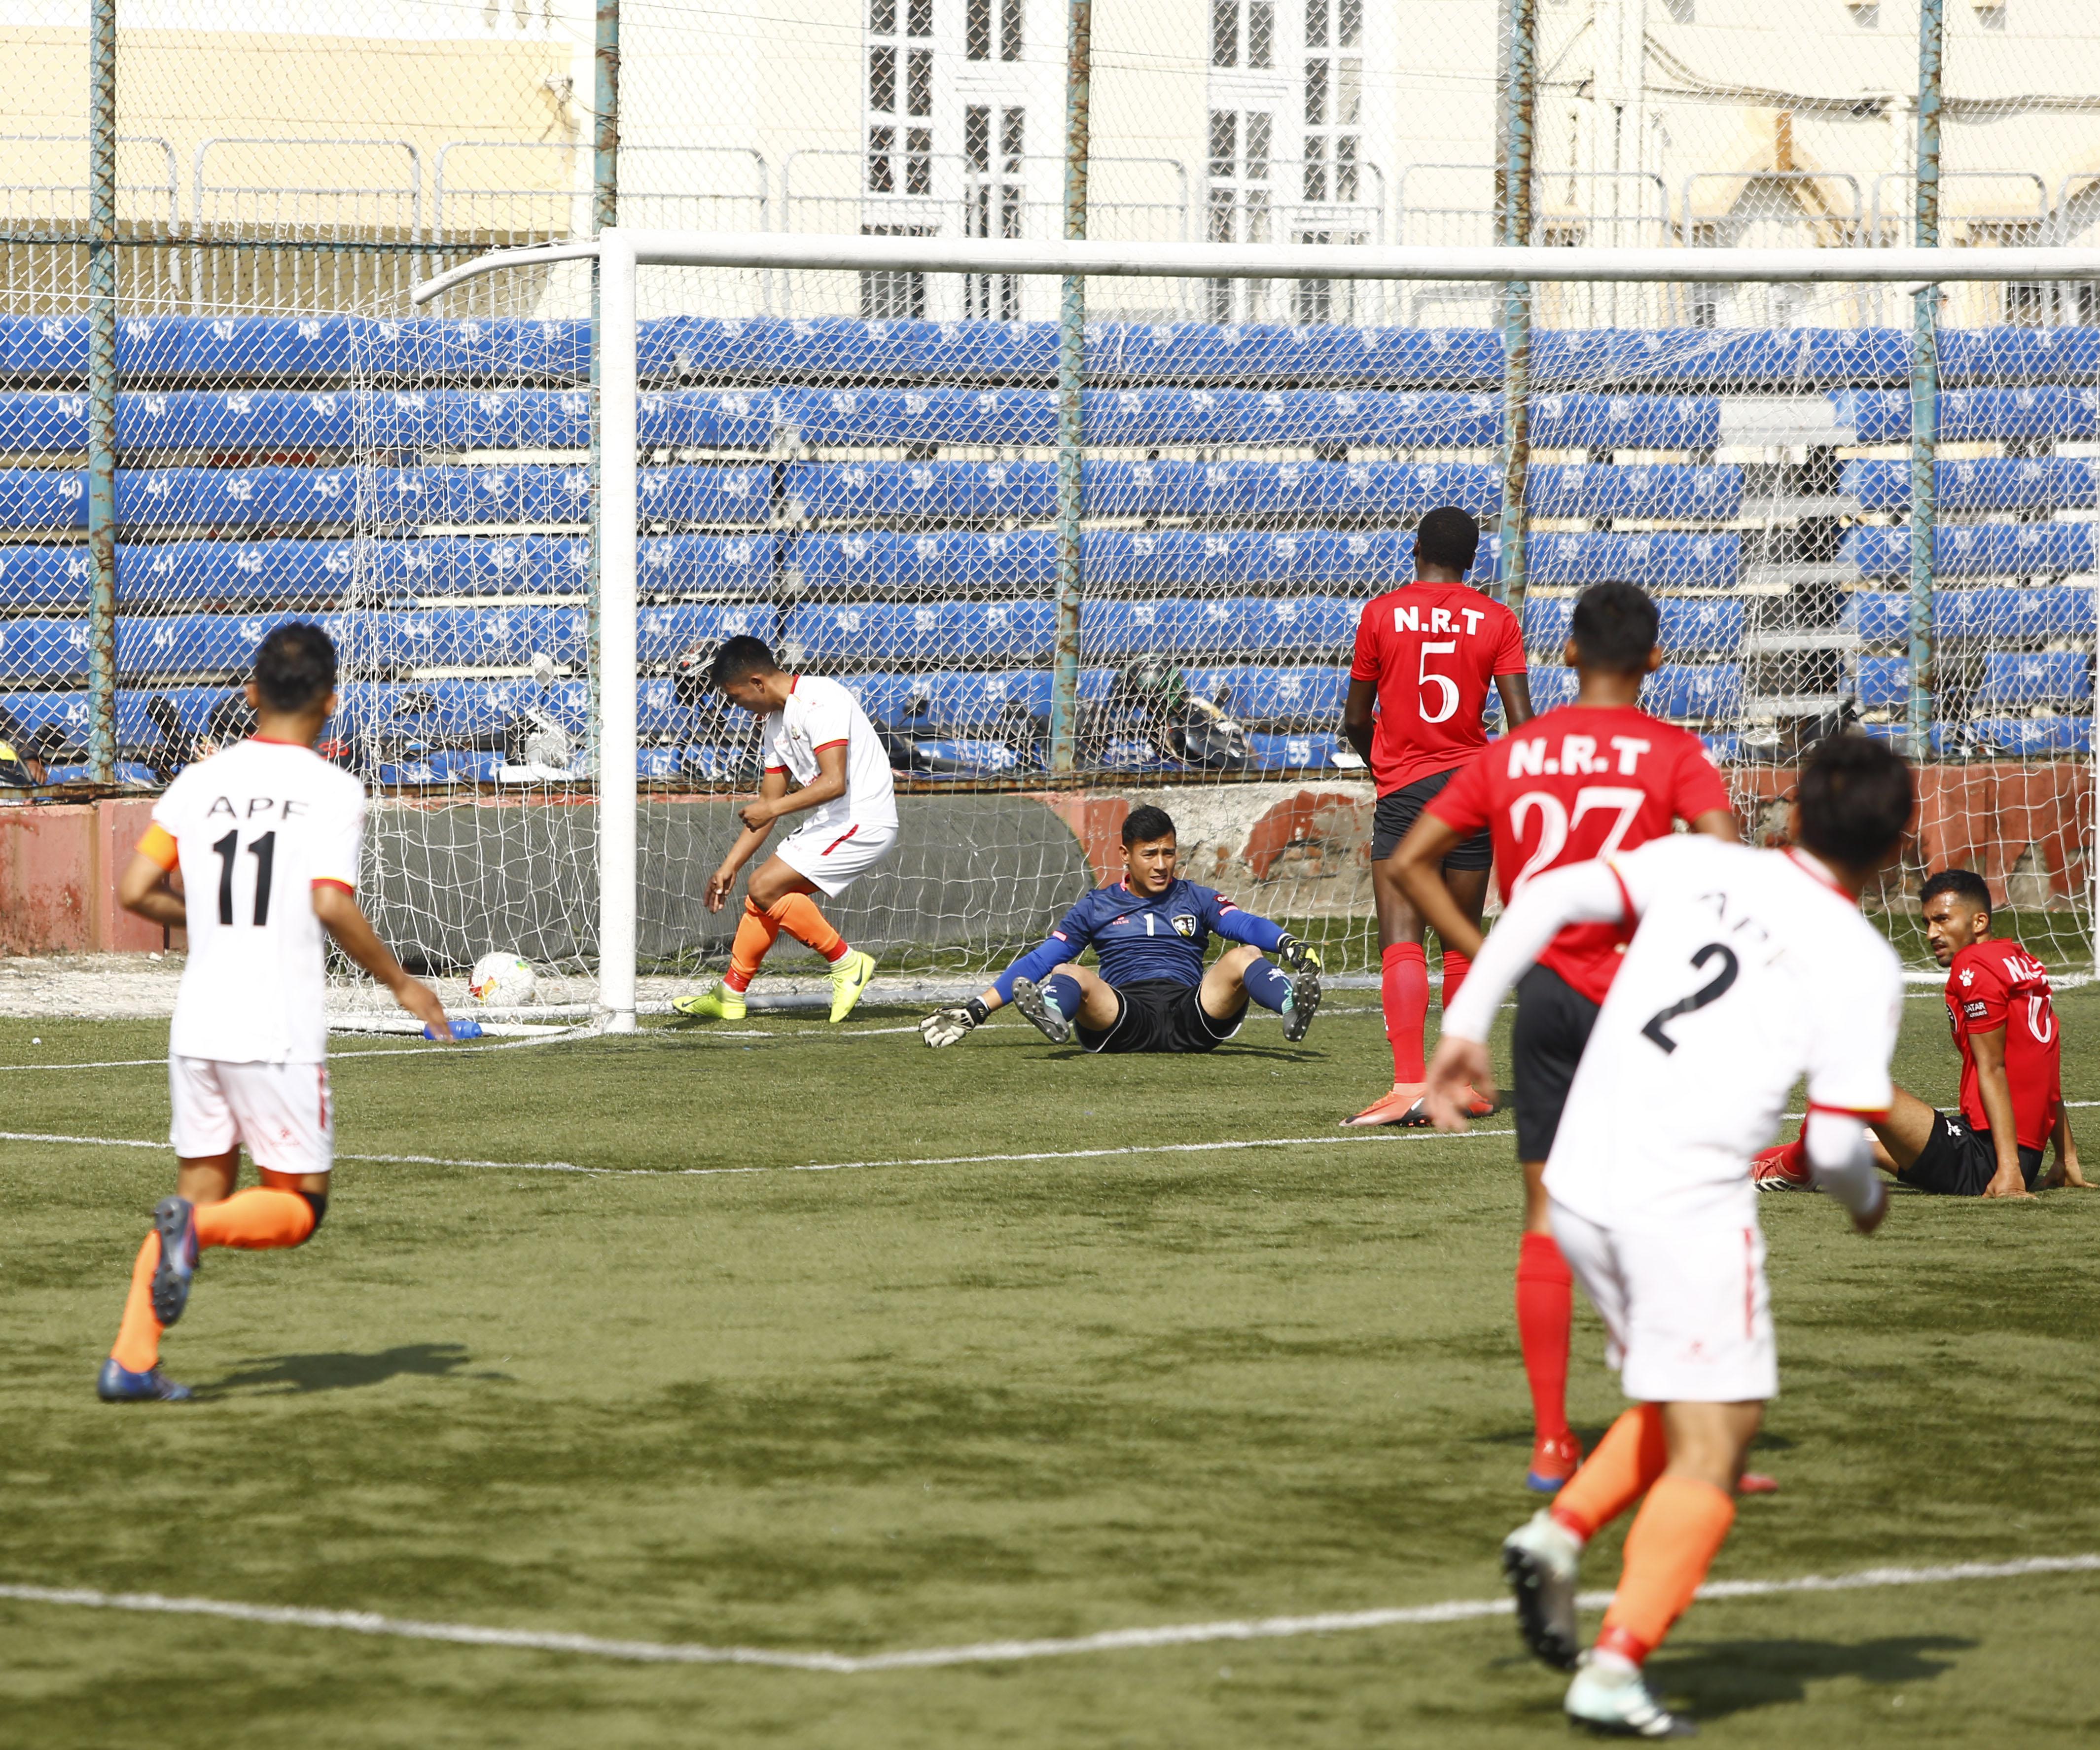 फुटबल - एनआरटीद्वारा विभागीय टोली एपिएफ पराजित